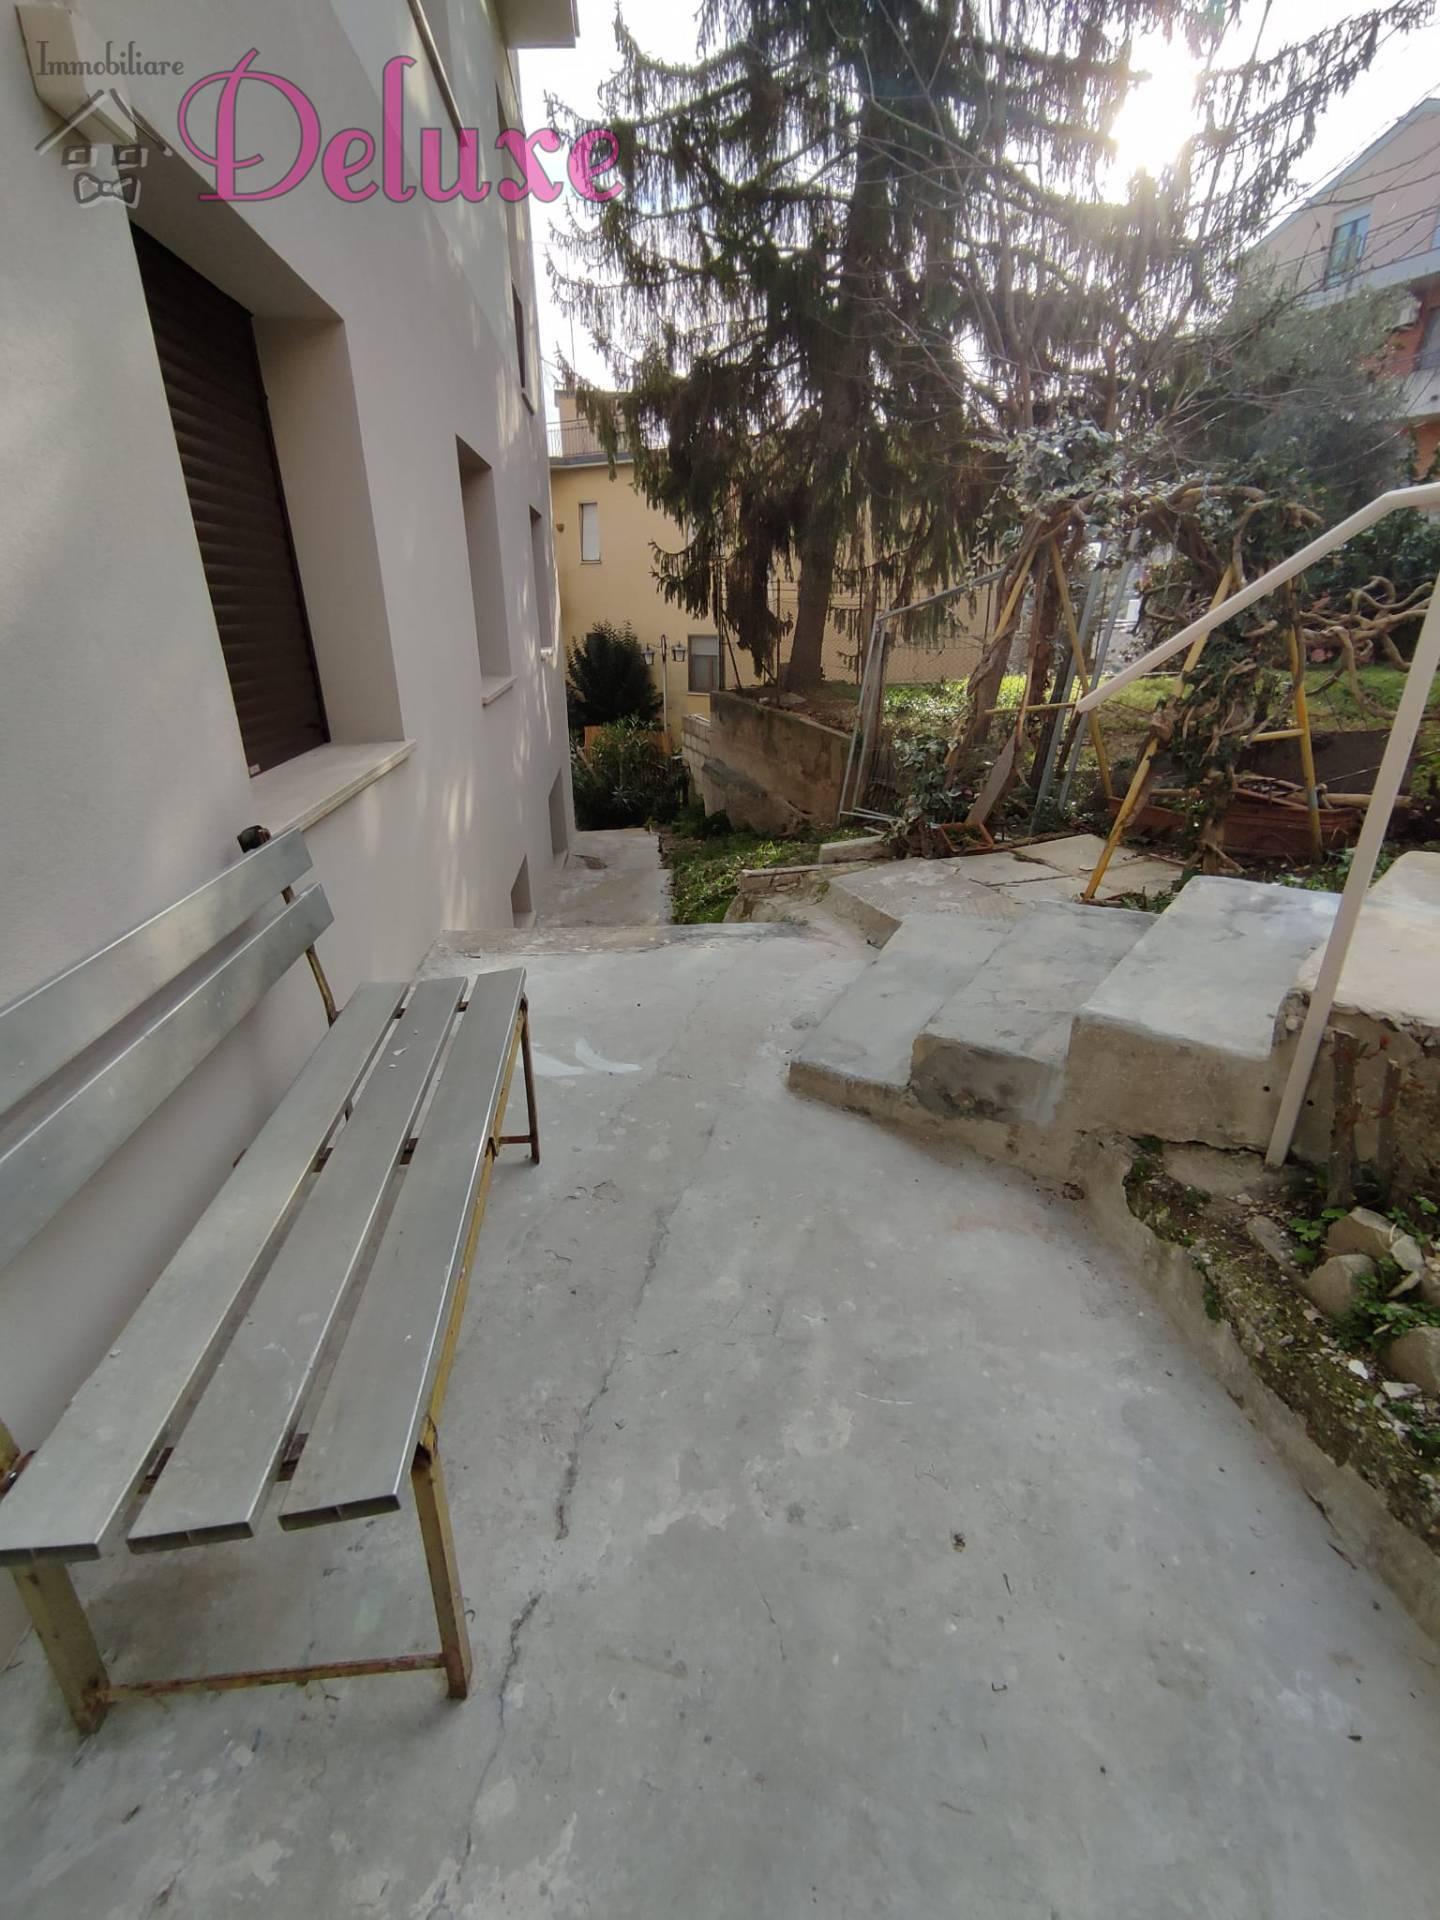 Appartamento in affitto a Macerata, 4 locali, zona Zona: Semicentrale, prezzo € 550 | CambioCasa.it